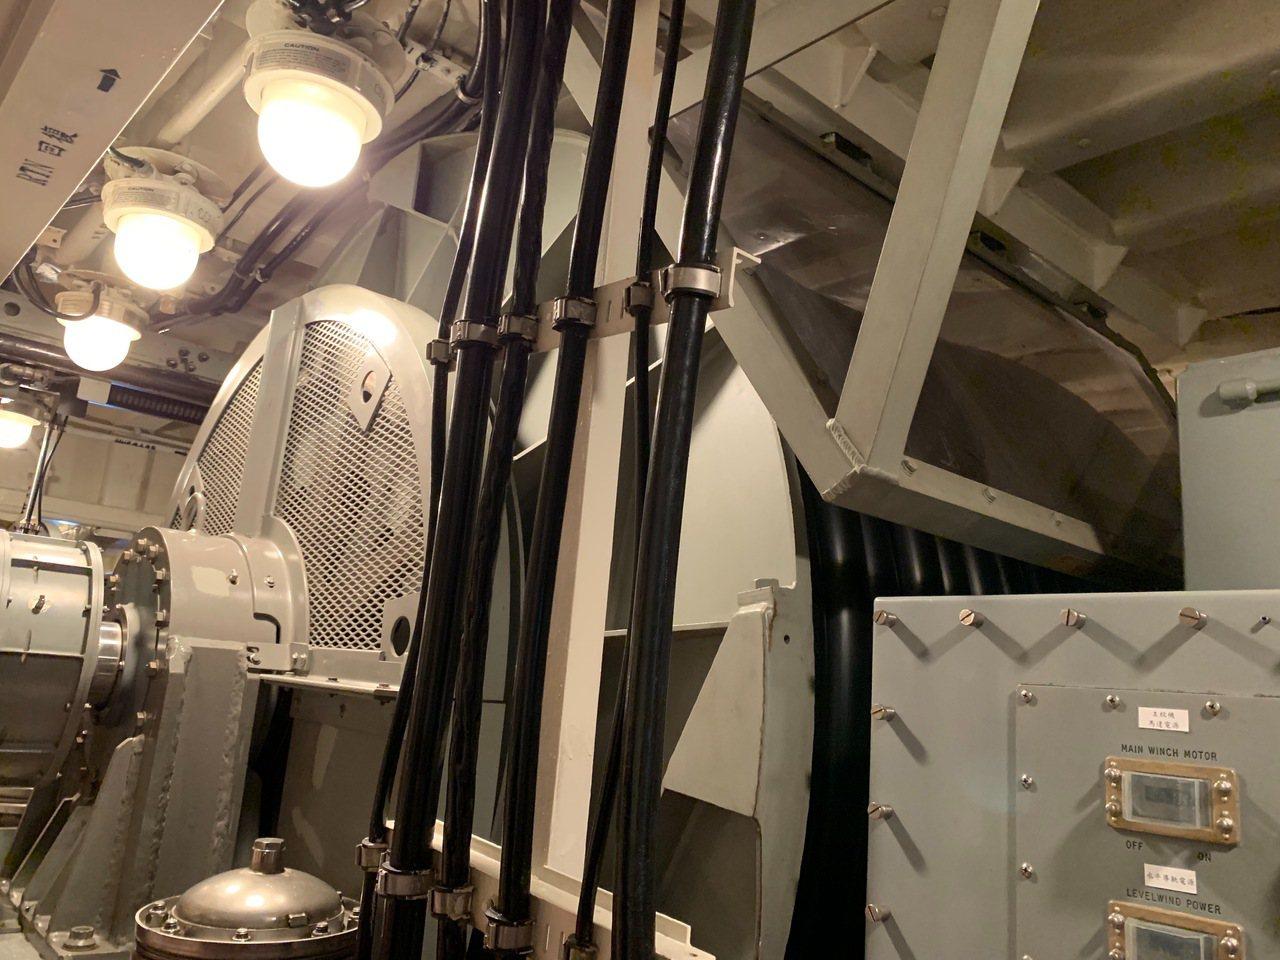 銘傳軍艦上的拖曳式聲納放列室,將捲在大型鋼圈上的電纜型聲納陣列自艦尾緩慢放列入水...